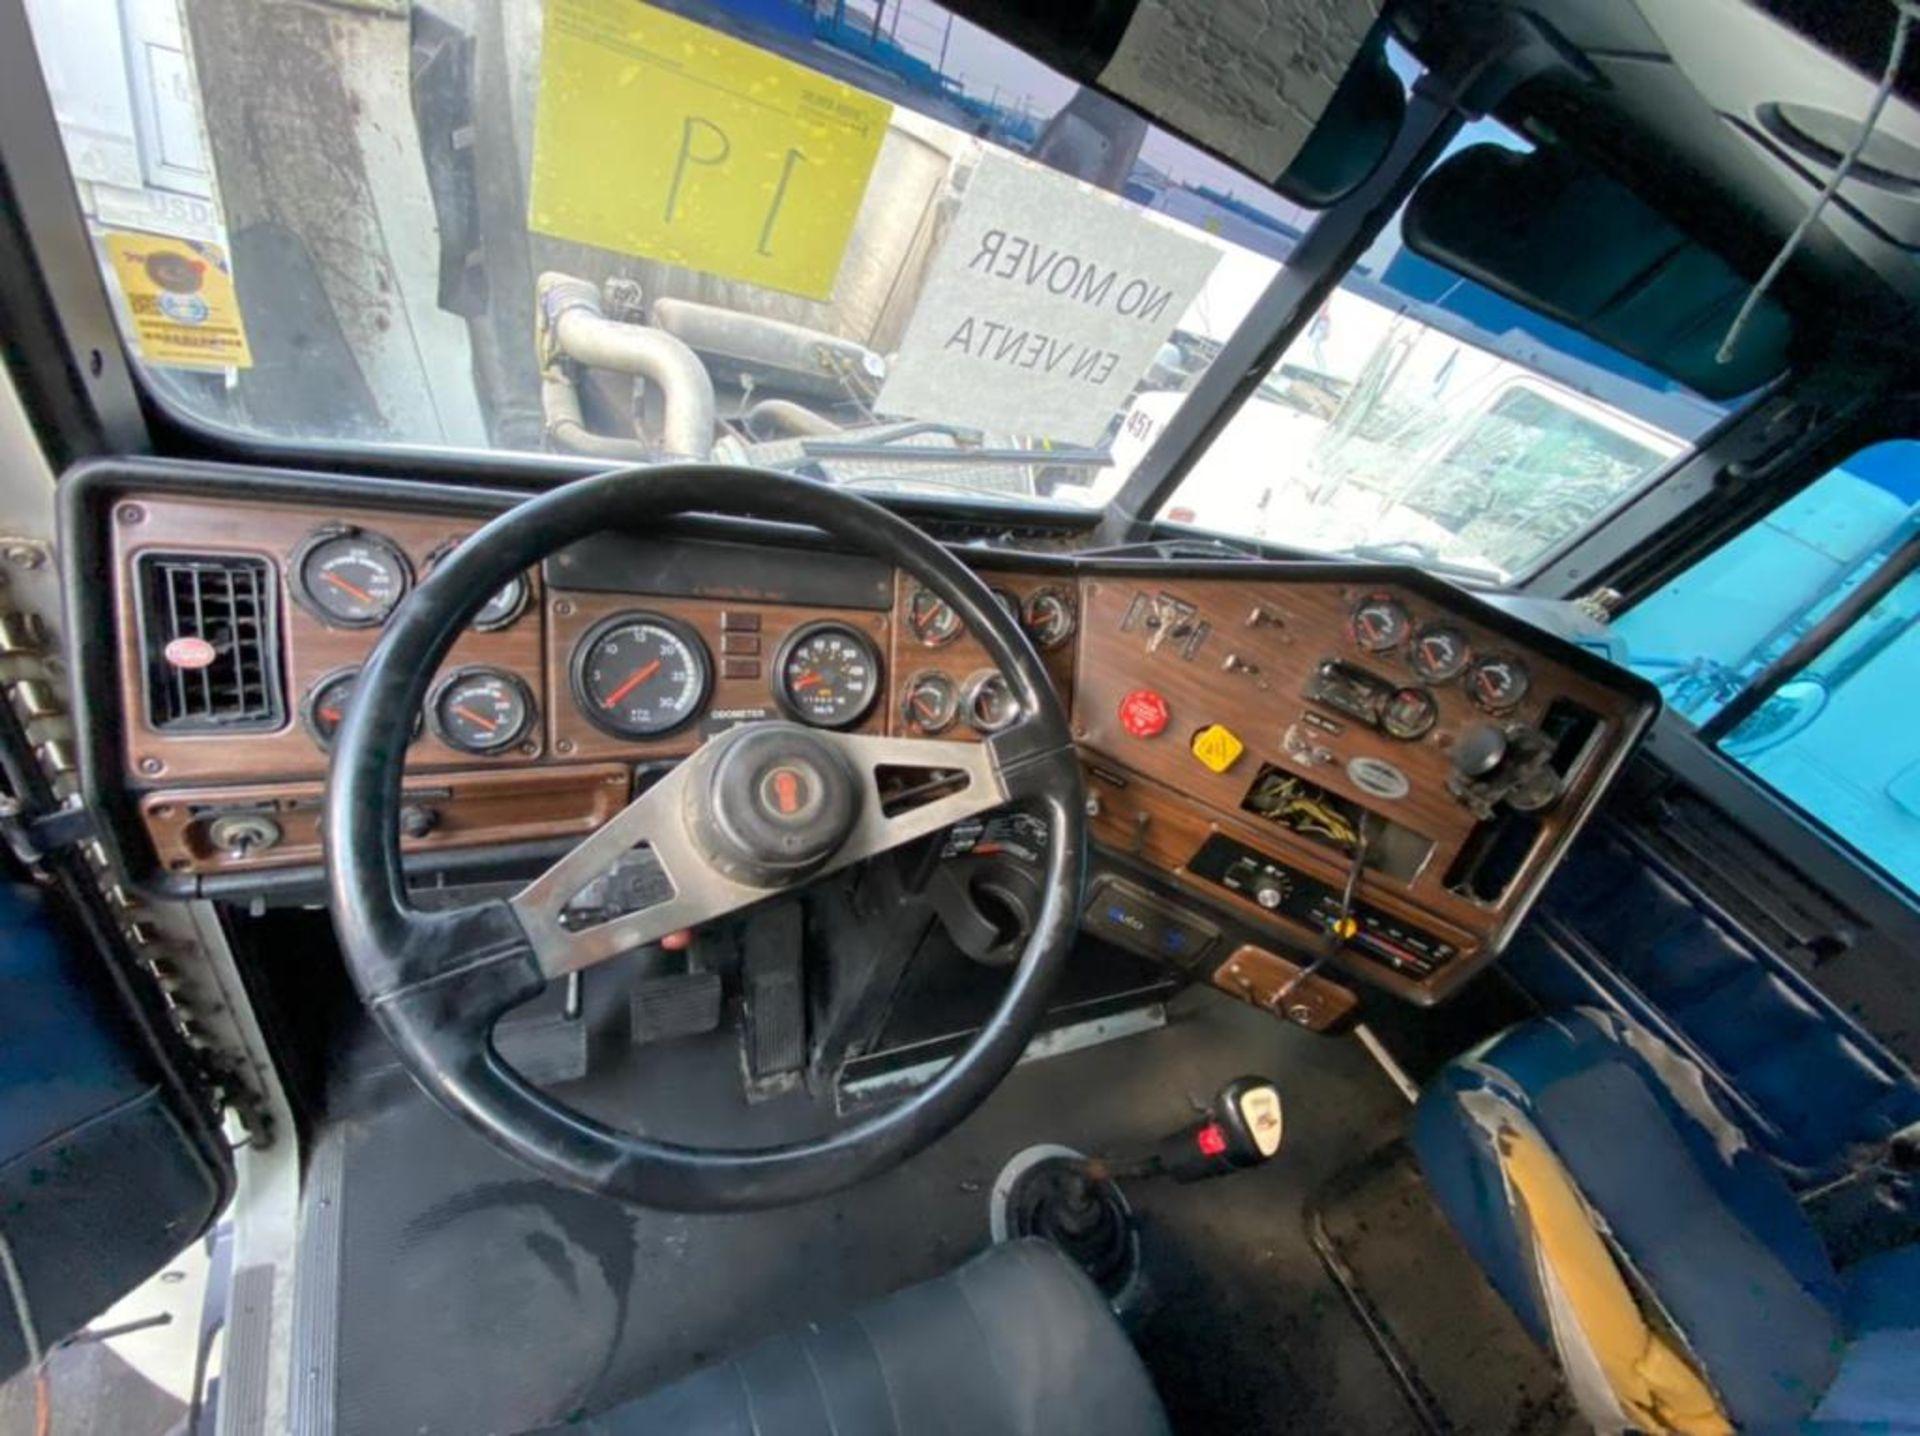 Tractocamión Marca FREIGHTLINER Fld-120, Modelo 1997 - Image 19 of 28